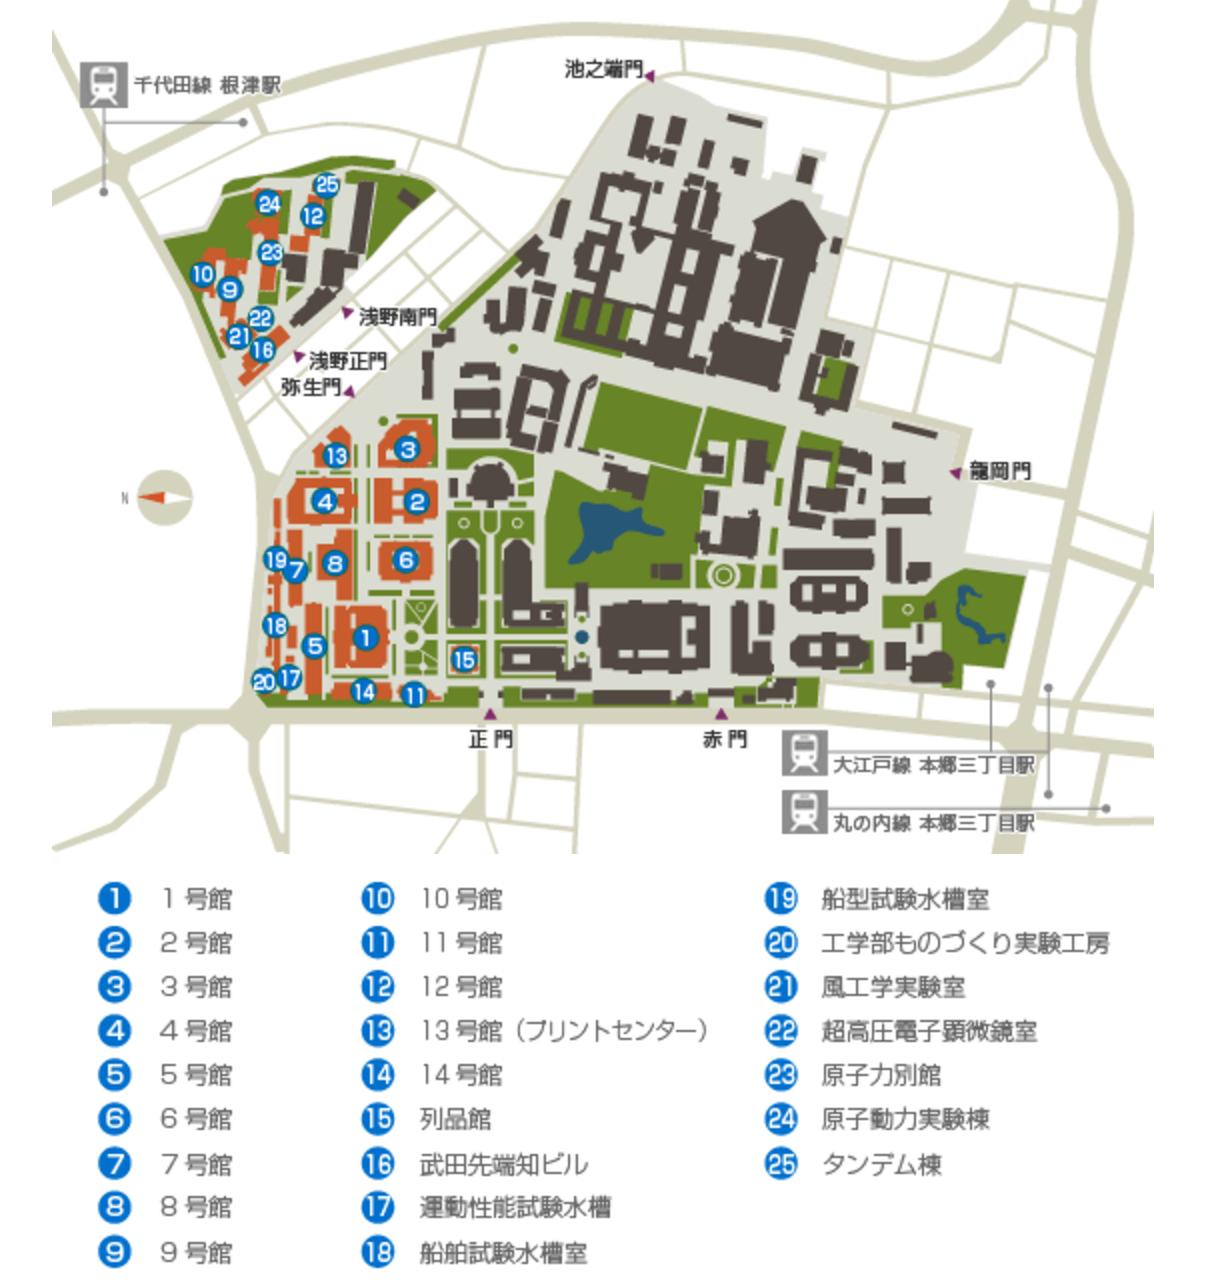 工学部 キャンパスマップ